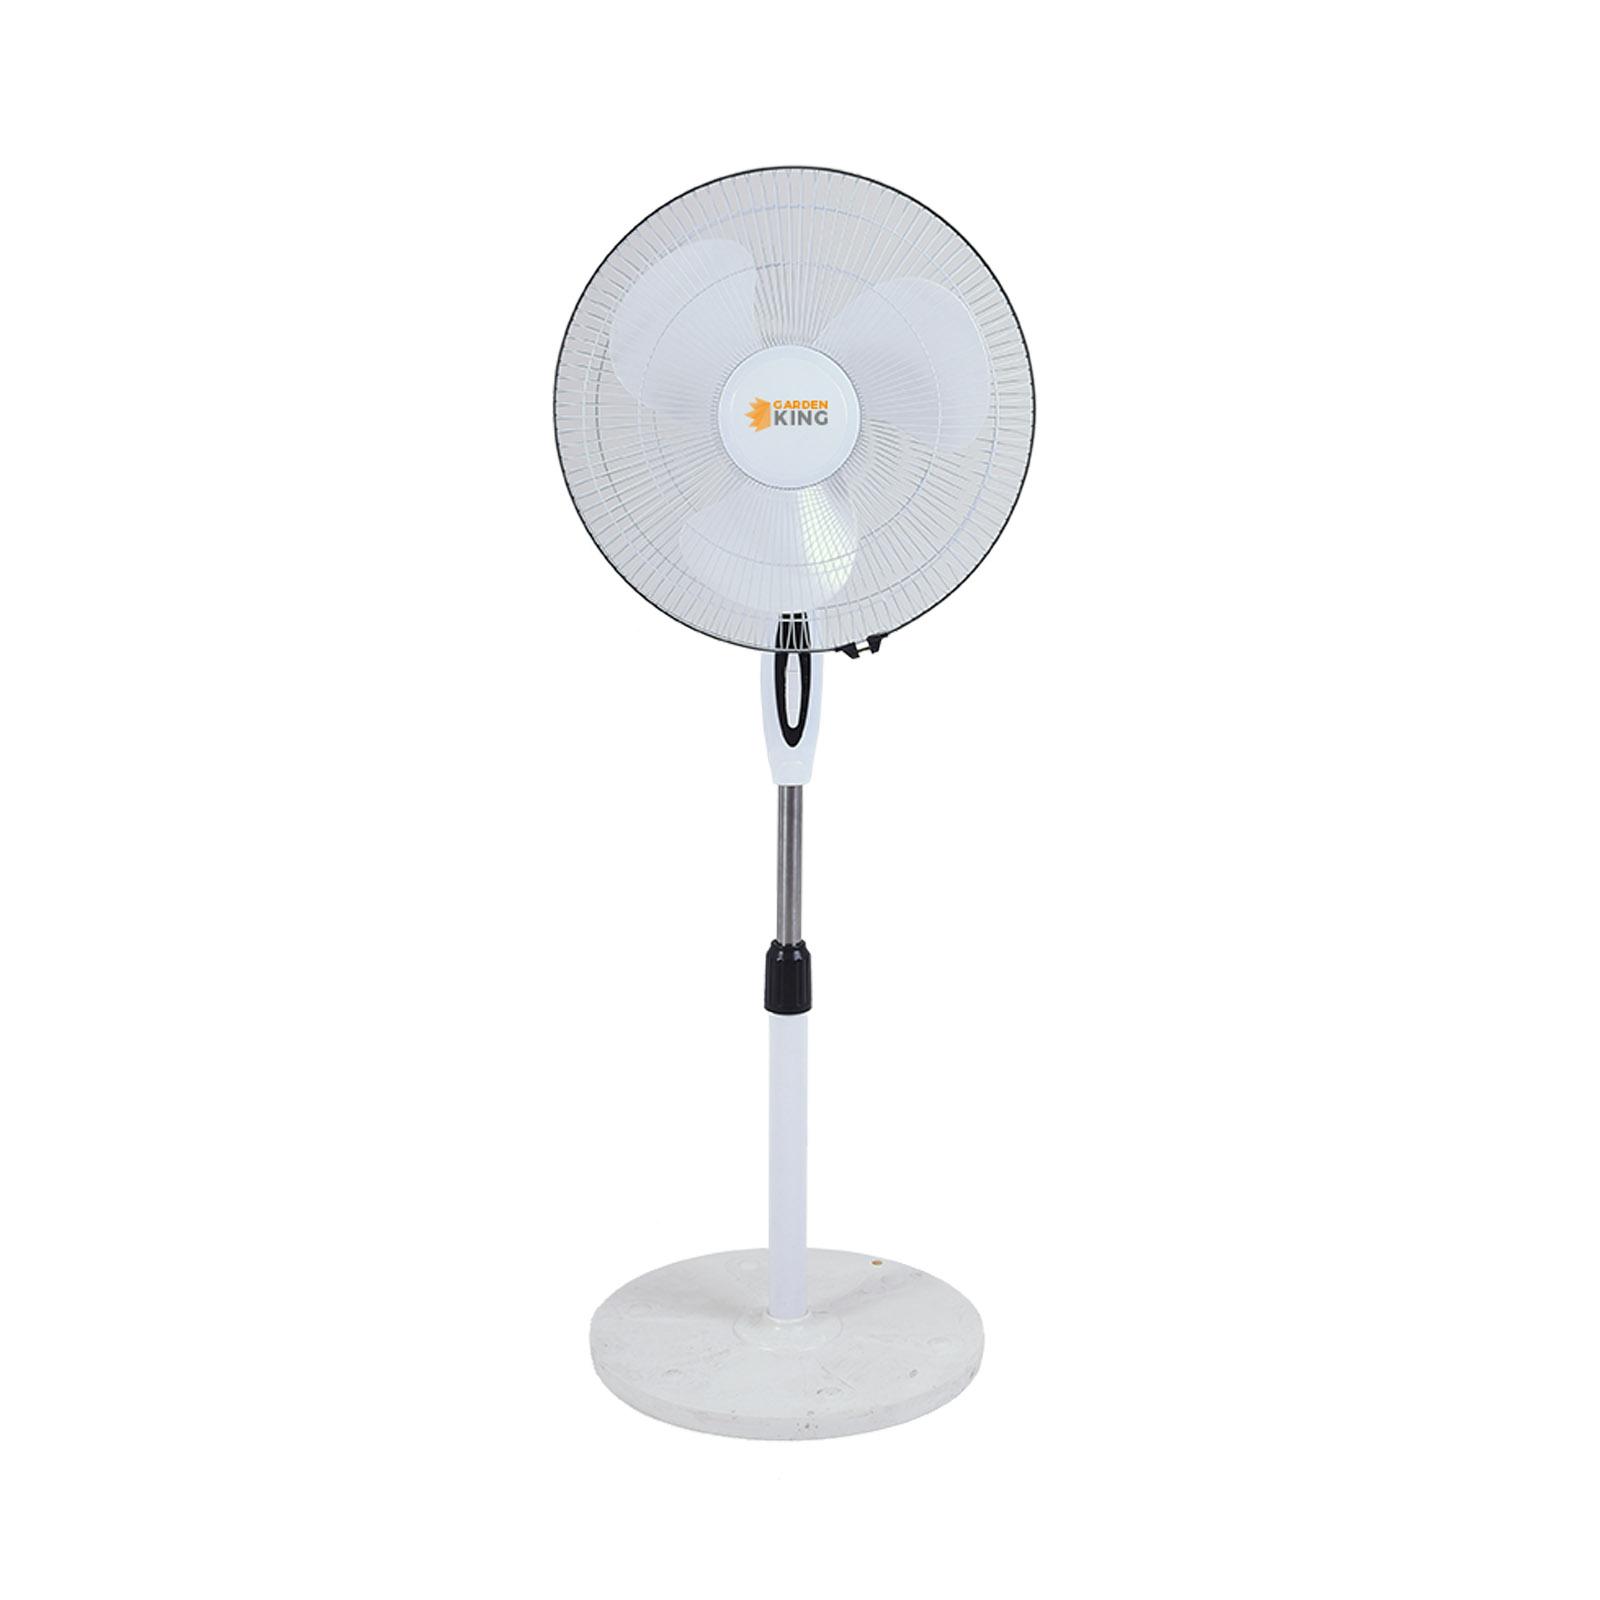 Garden King 16 Inch Pedestal Fan